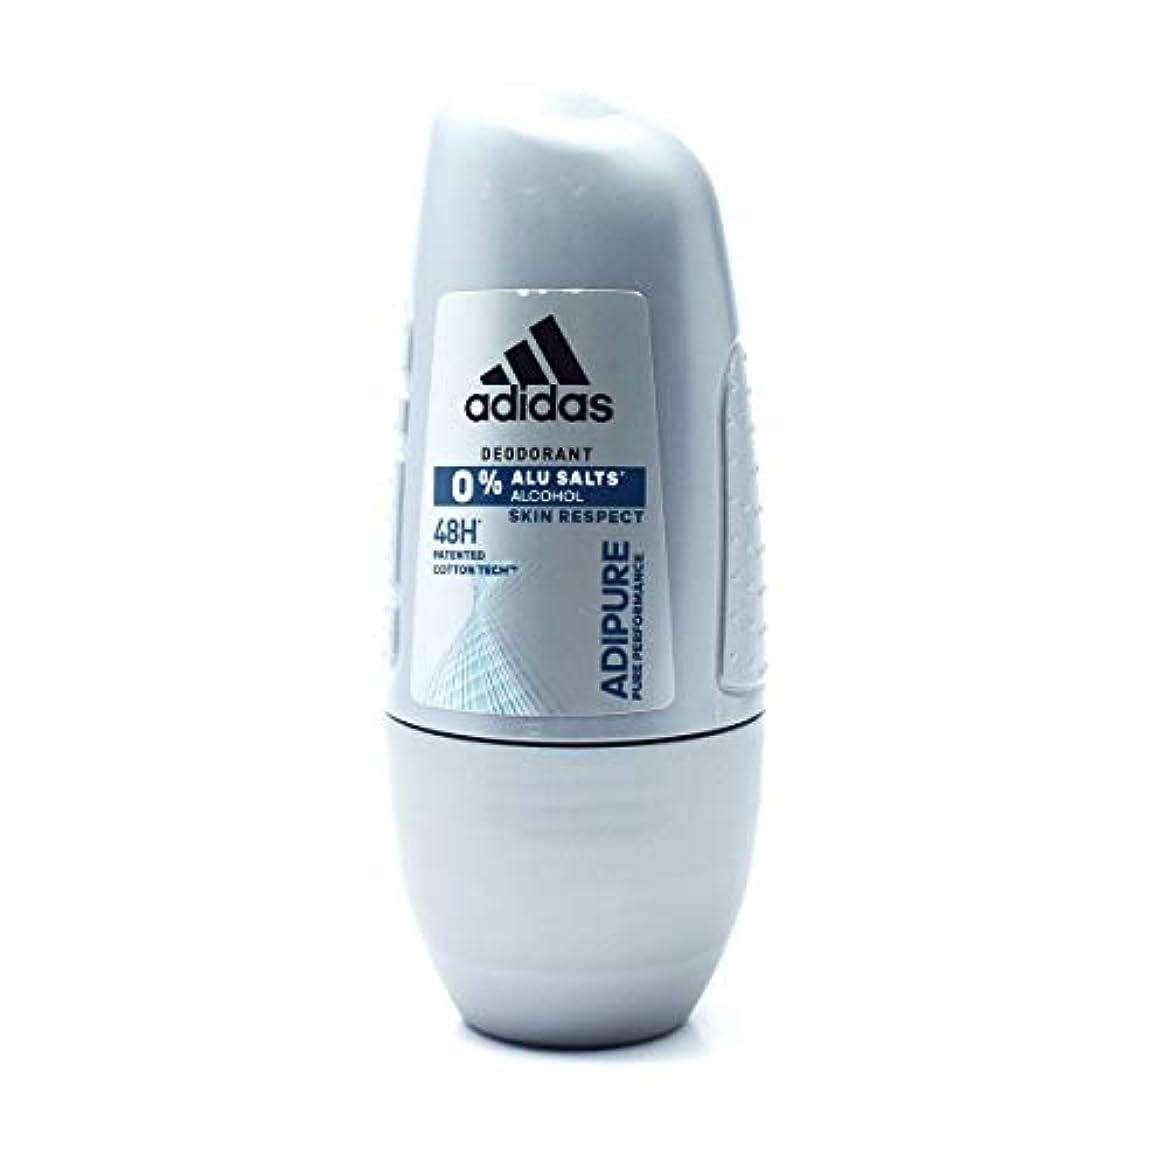 一般ランタンホースAdidas Roll On 50ml ADIPURE アディダス デオドラント ロールオン 50ml アディピュア 制汗剤 48時間持続 日本未発売 並行輸入